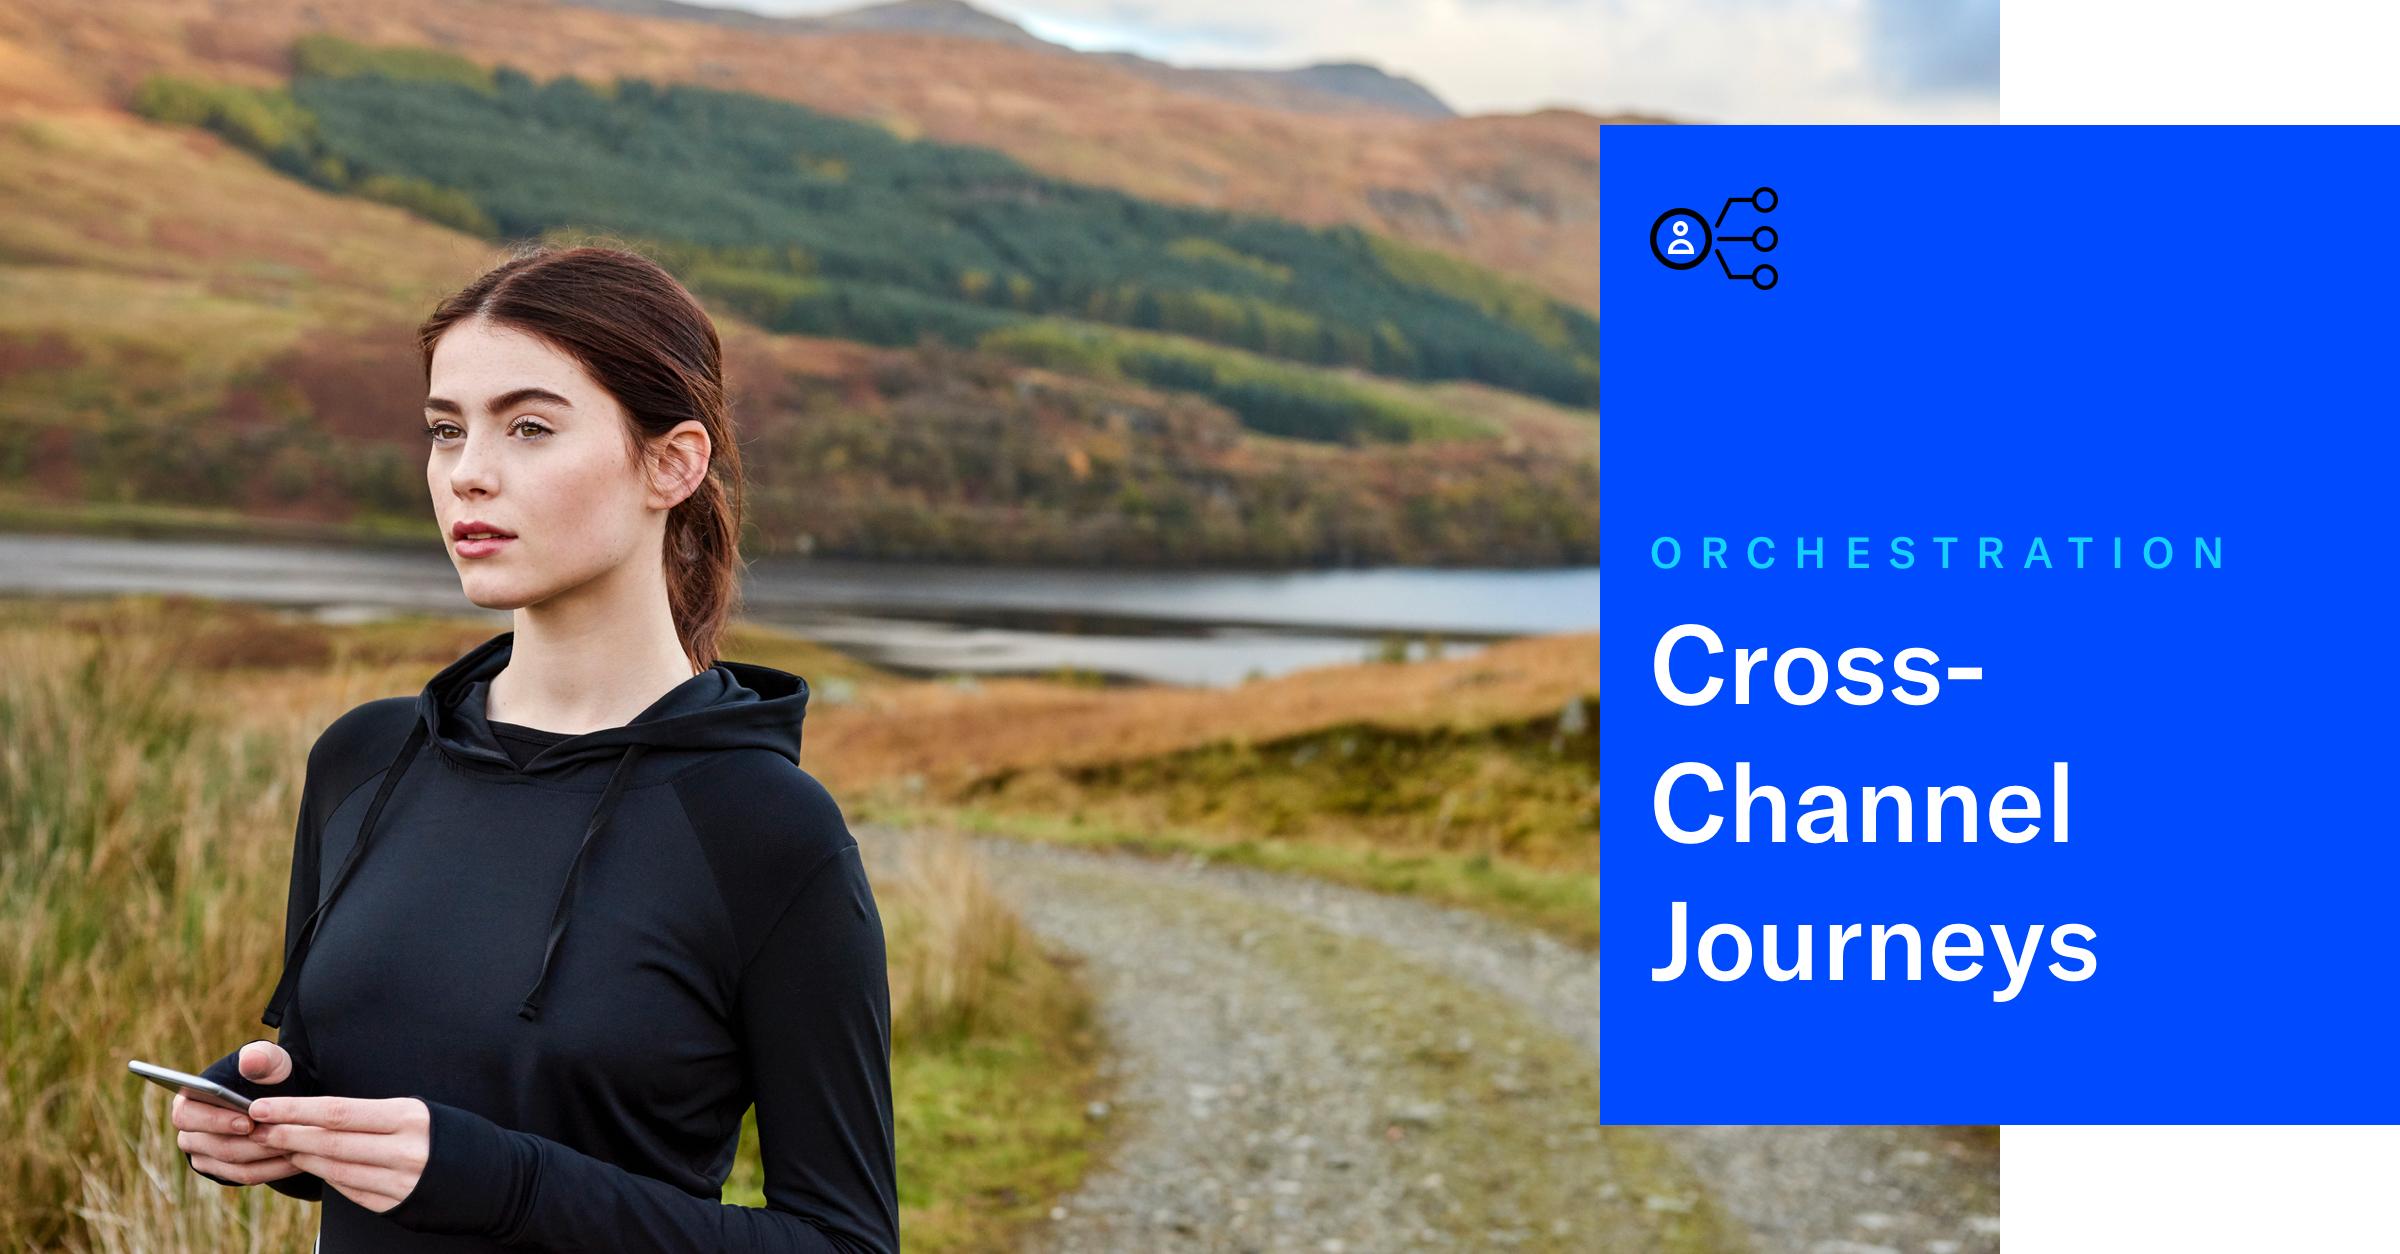 Cross-Channel Journeys